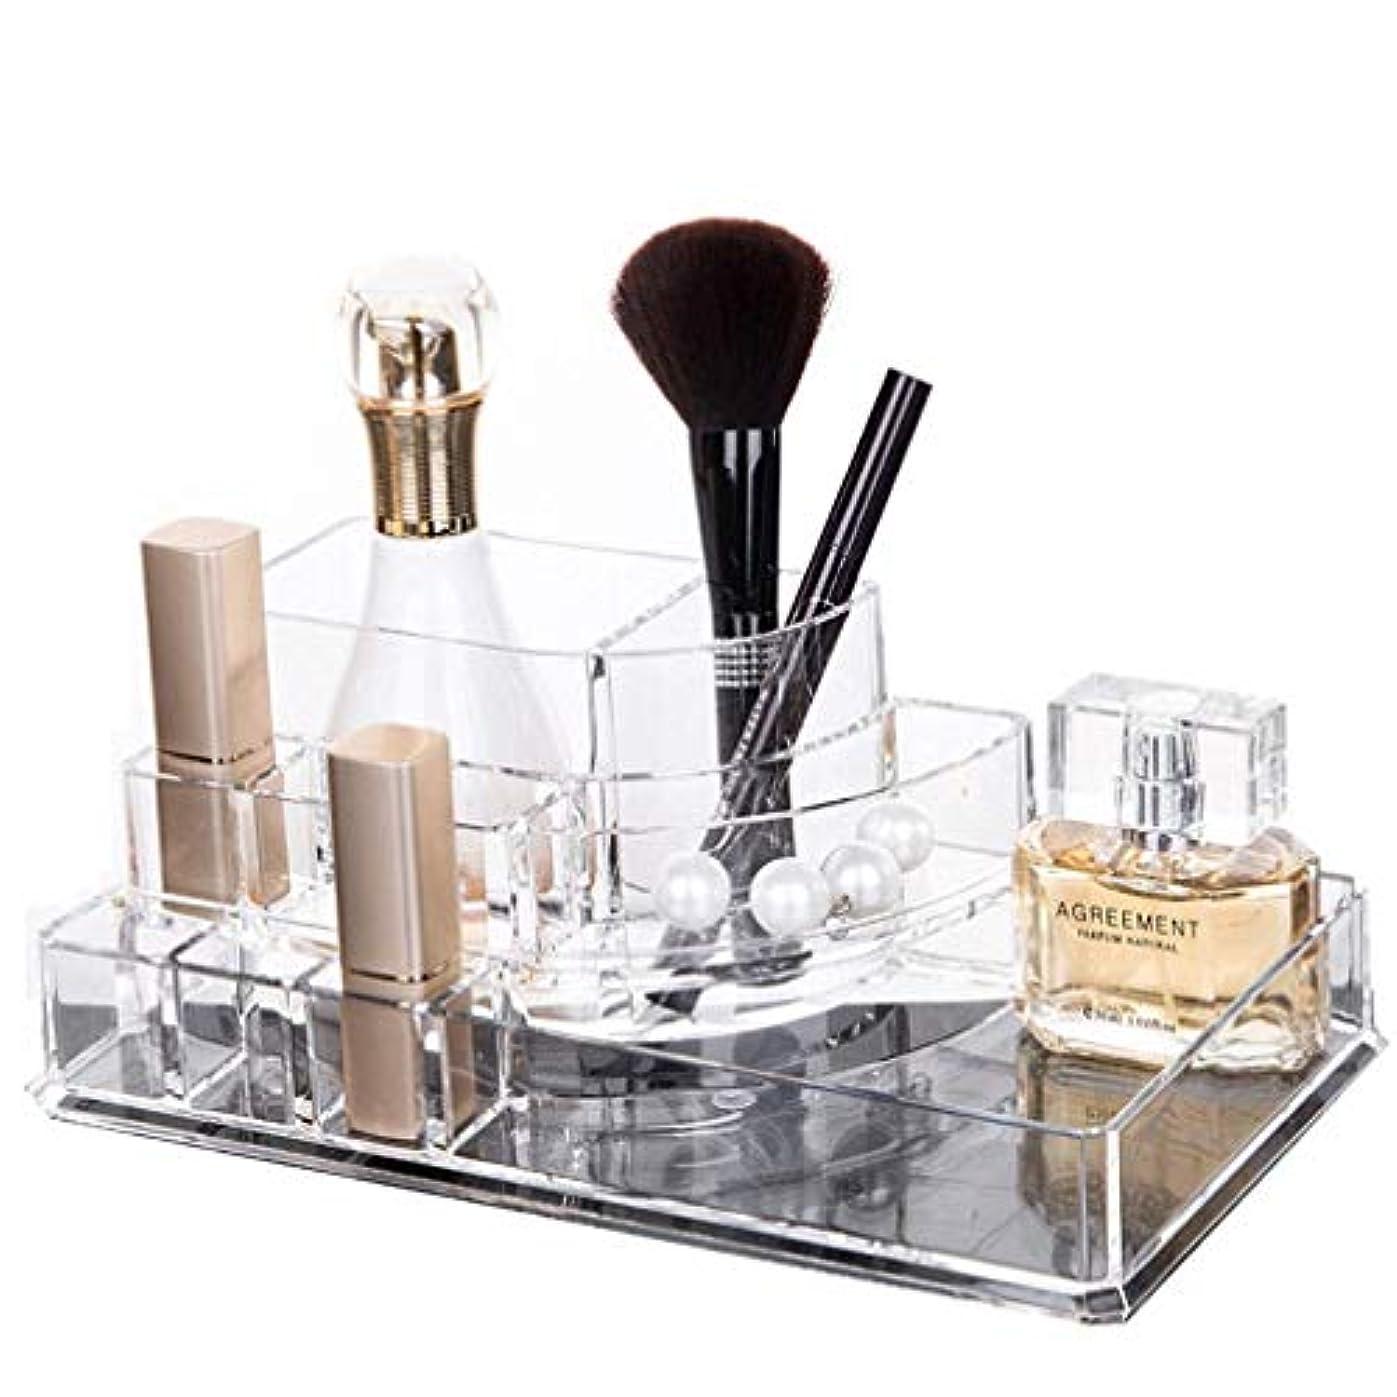 玉トン高層ビルアクリル化粧オーガナイザークリアストレージスタンドディスプレイテーブル化粧品、マニキュア、ワニス、ステーショナリー、アートアンドクラフト用寝室/浴室/部屋/生活に便利